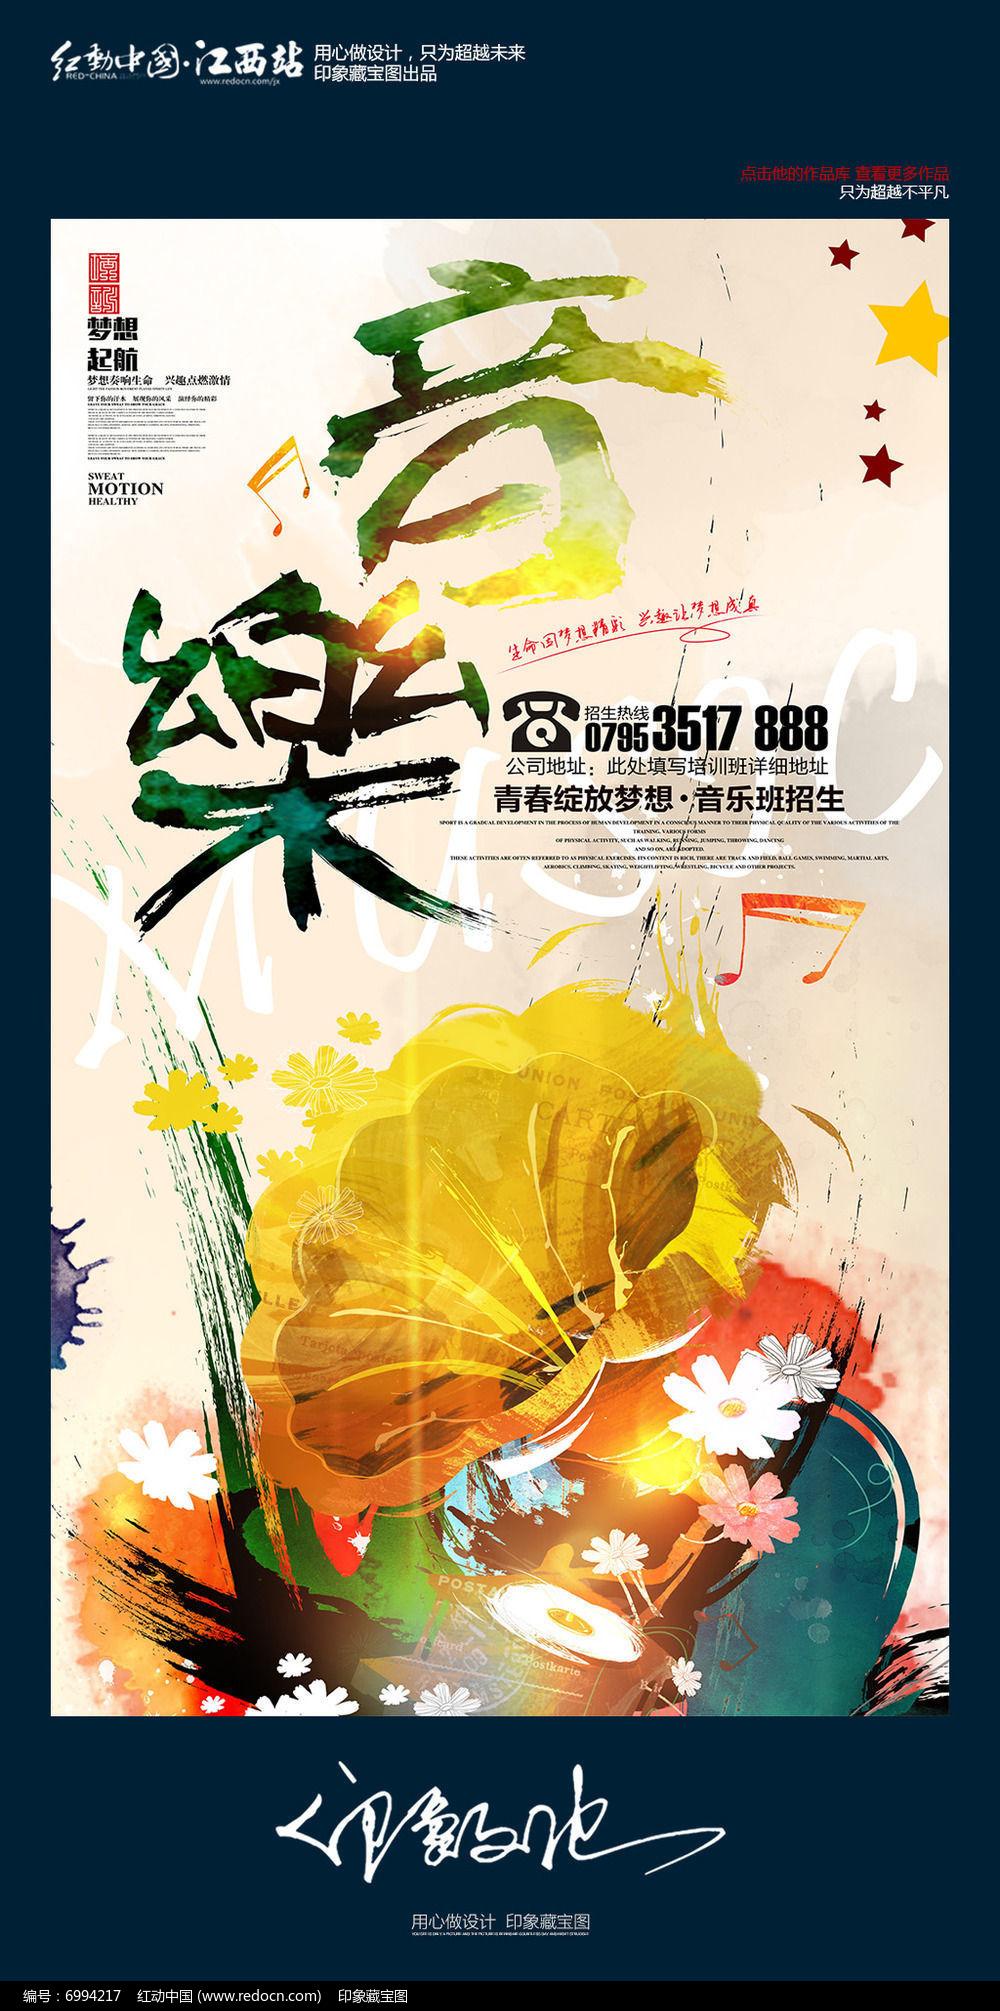 创意水彩音乐招生培训海报图片